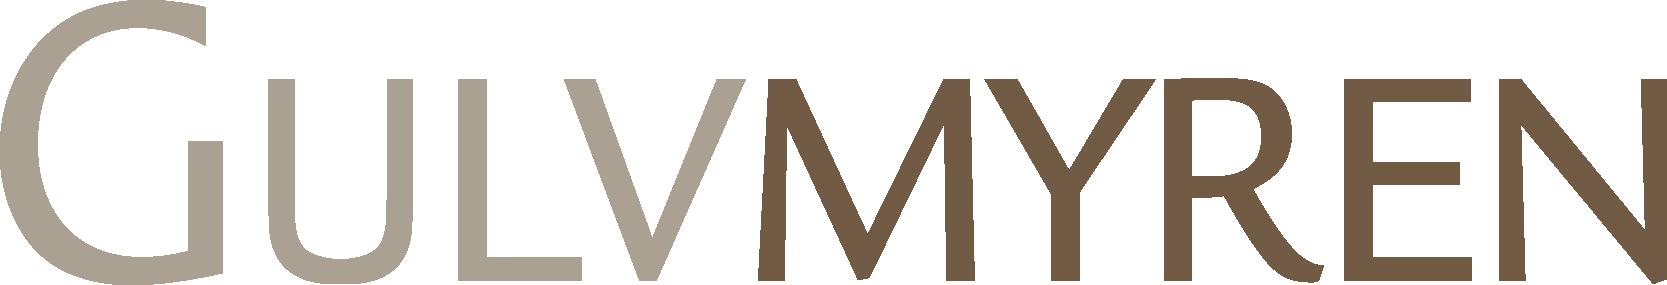 Logo af firmaet Gulvmyren, som bruger Ordrestyring